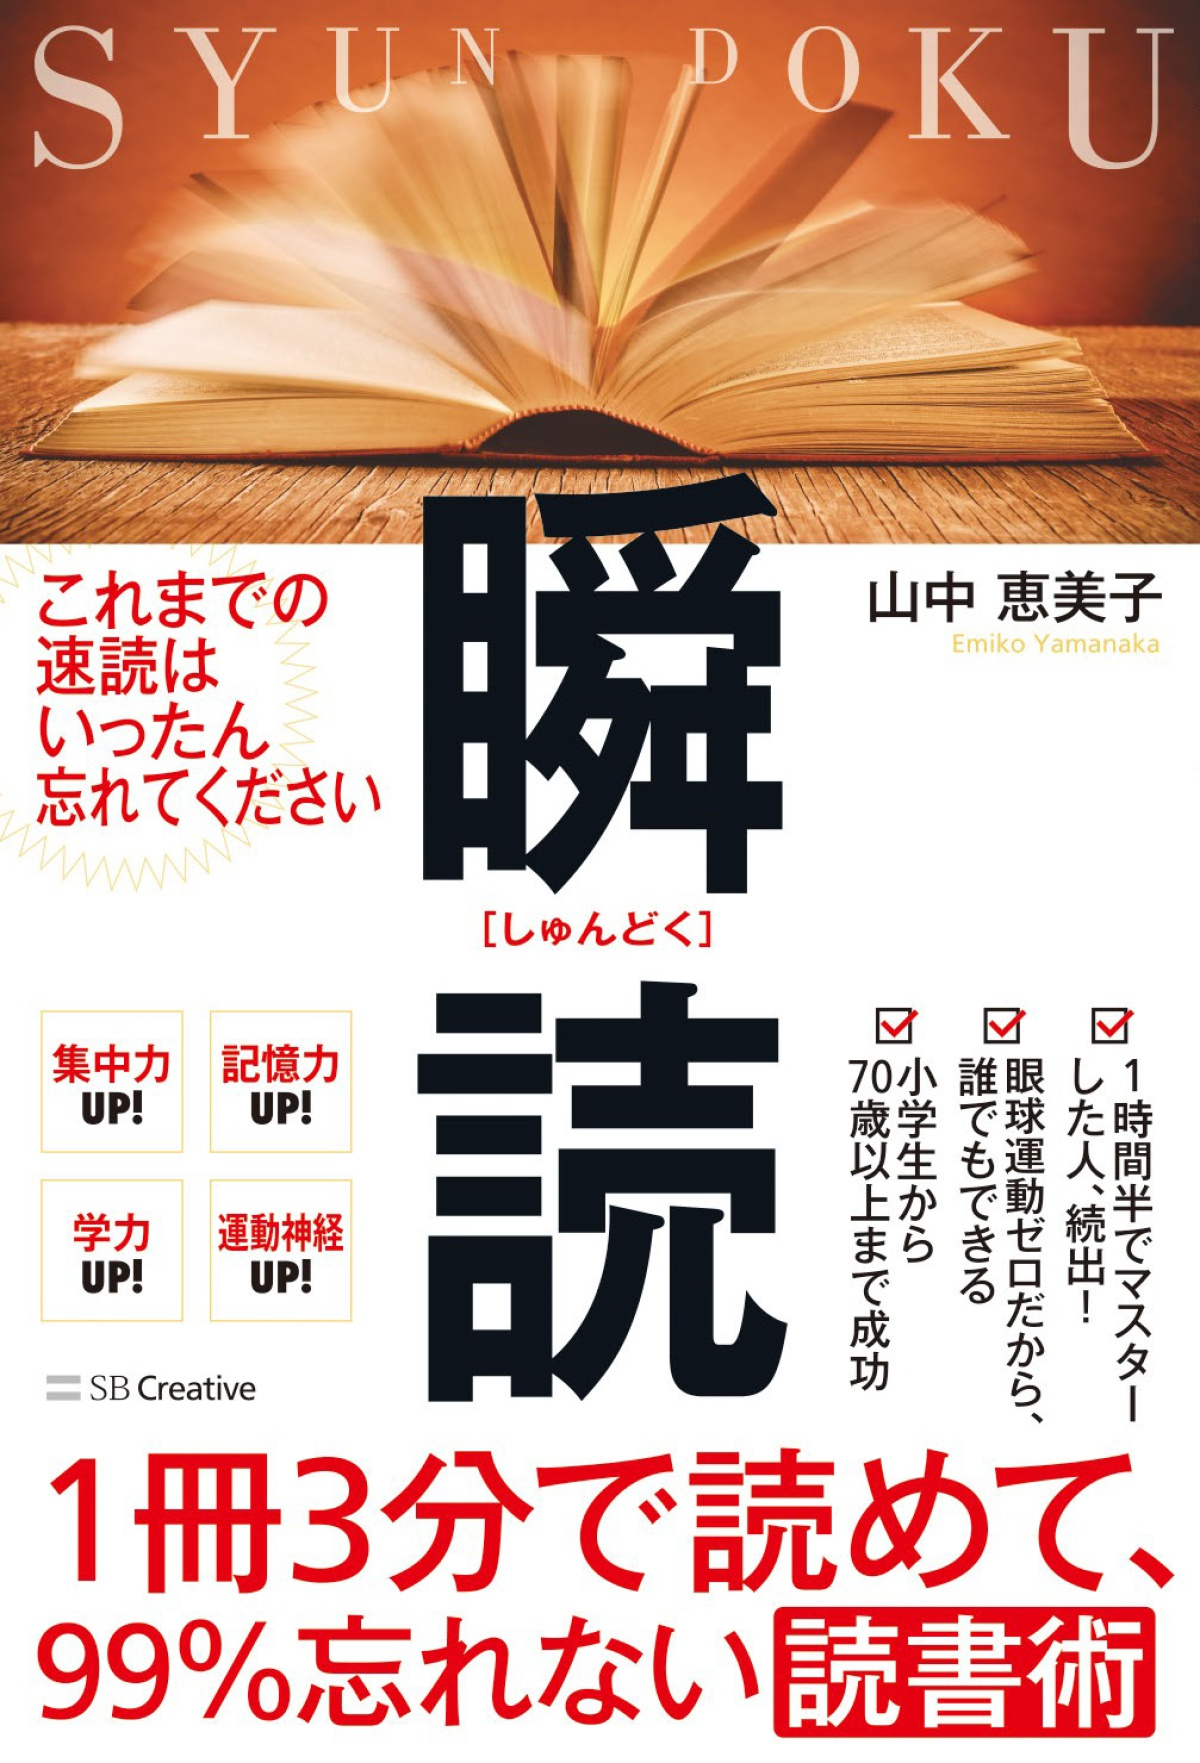 情報爆発の時代に「瞬読」スキル...